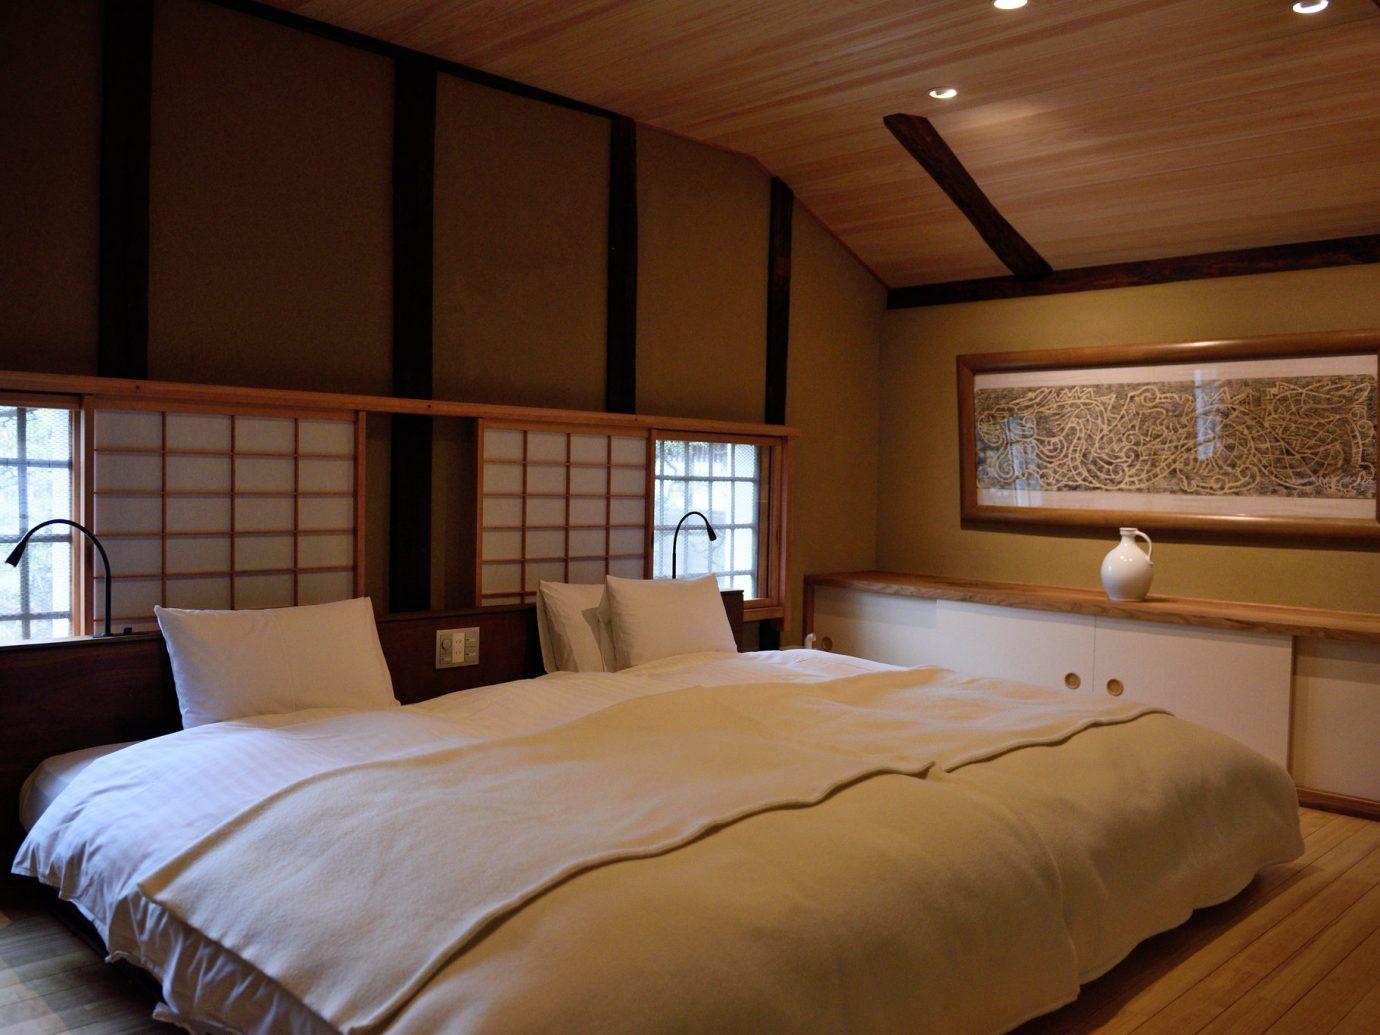 guestroom at Ryokan Kurashiki